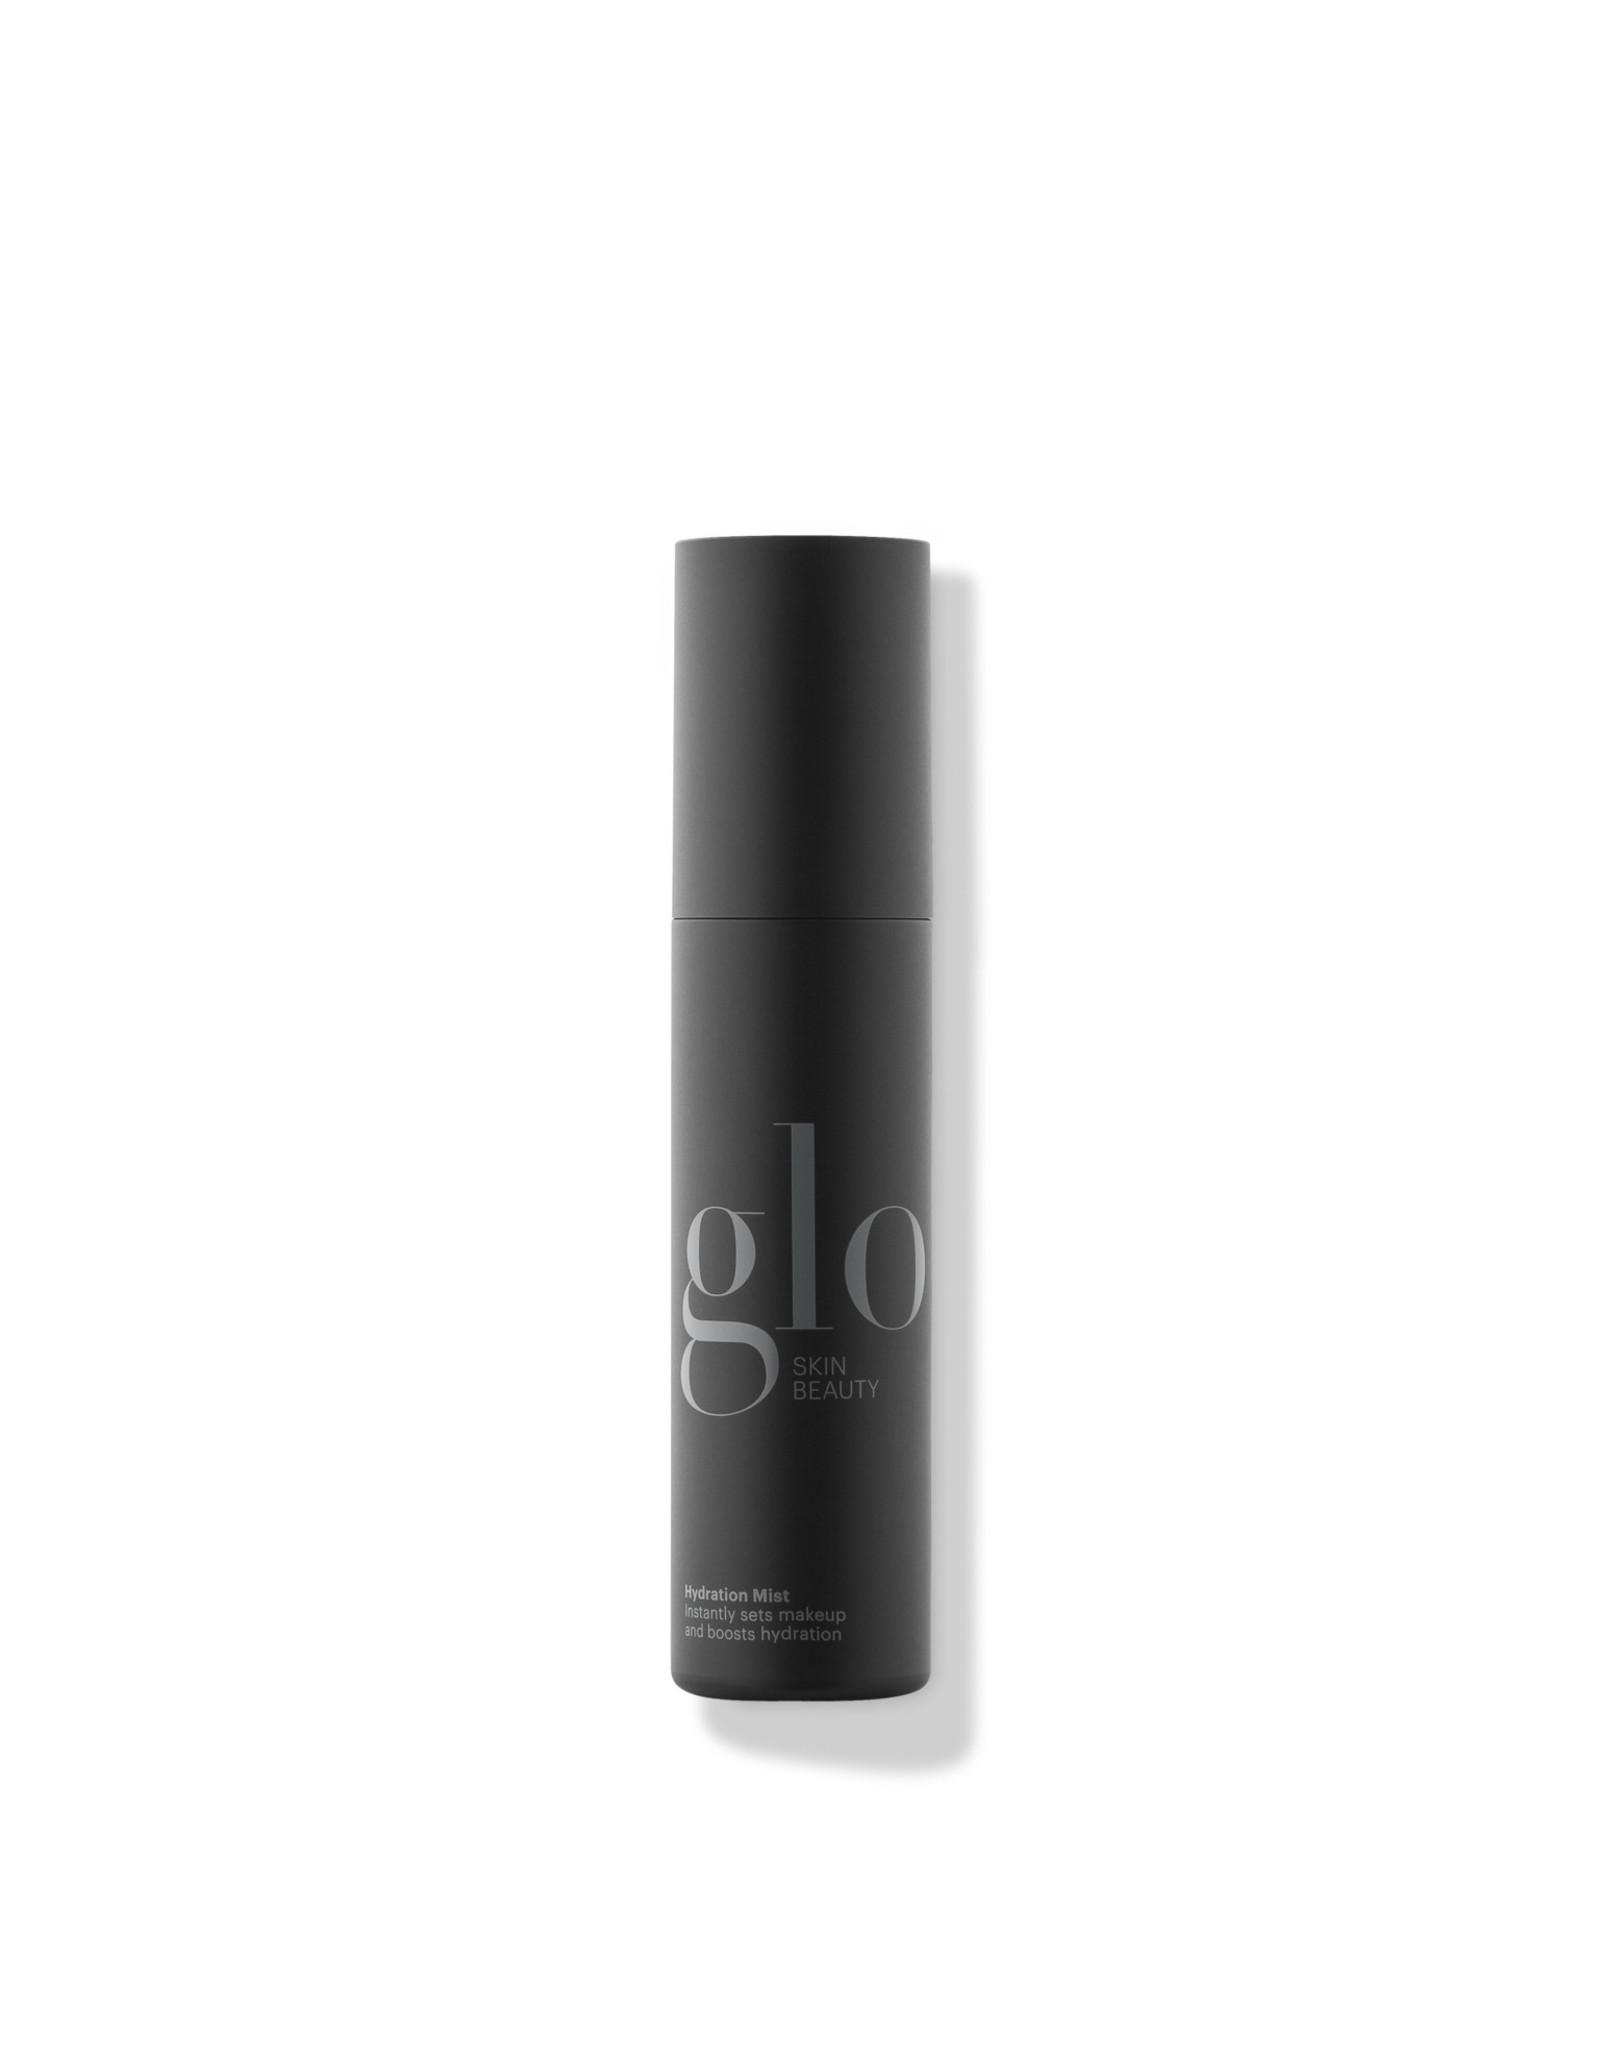 Glo Skin Beauty Hydration Mist